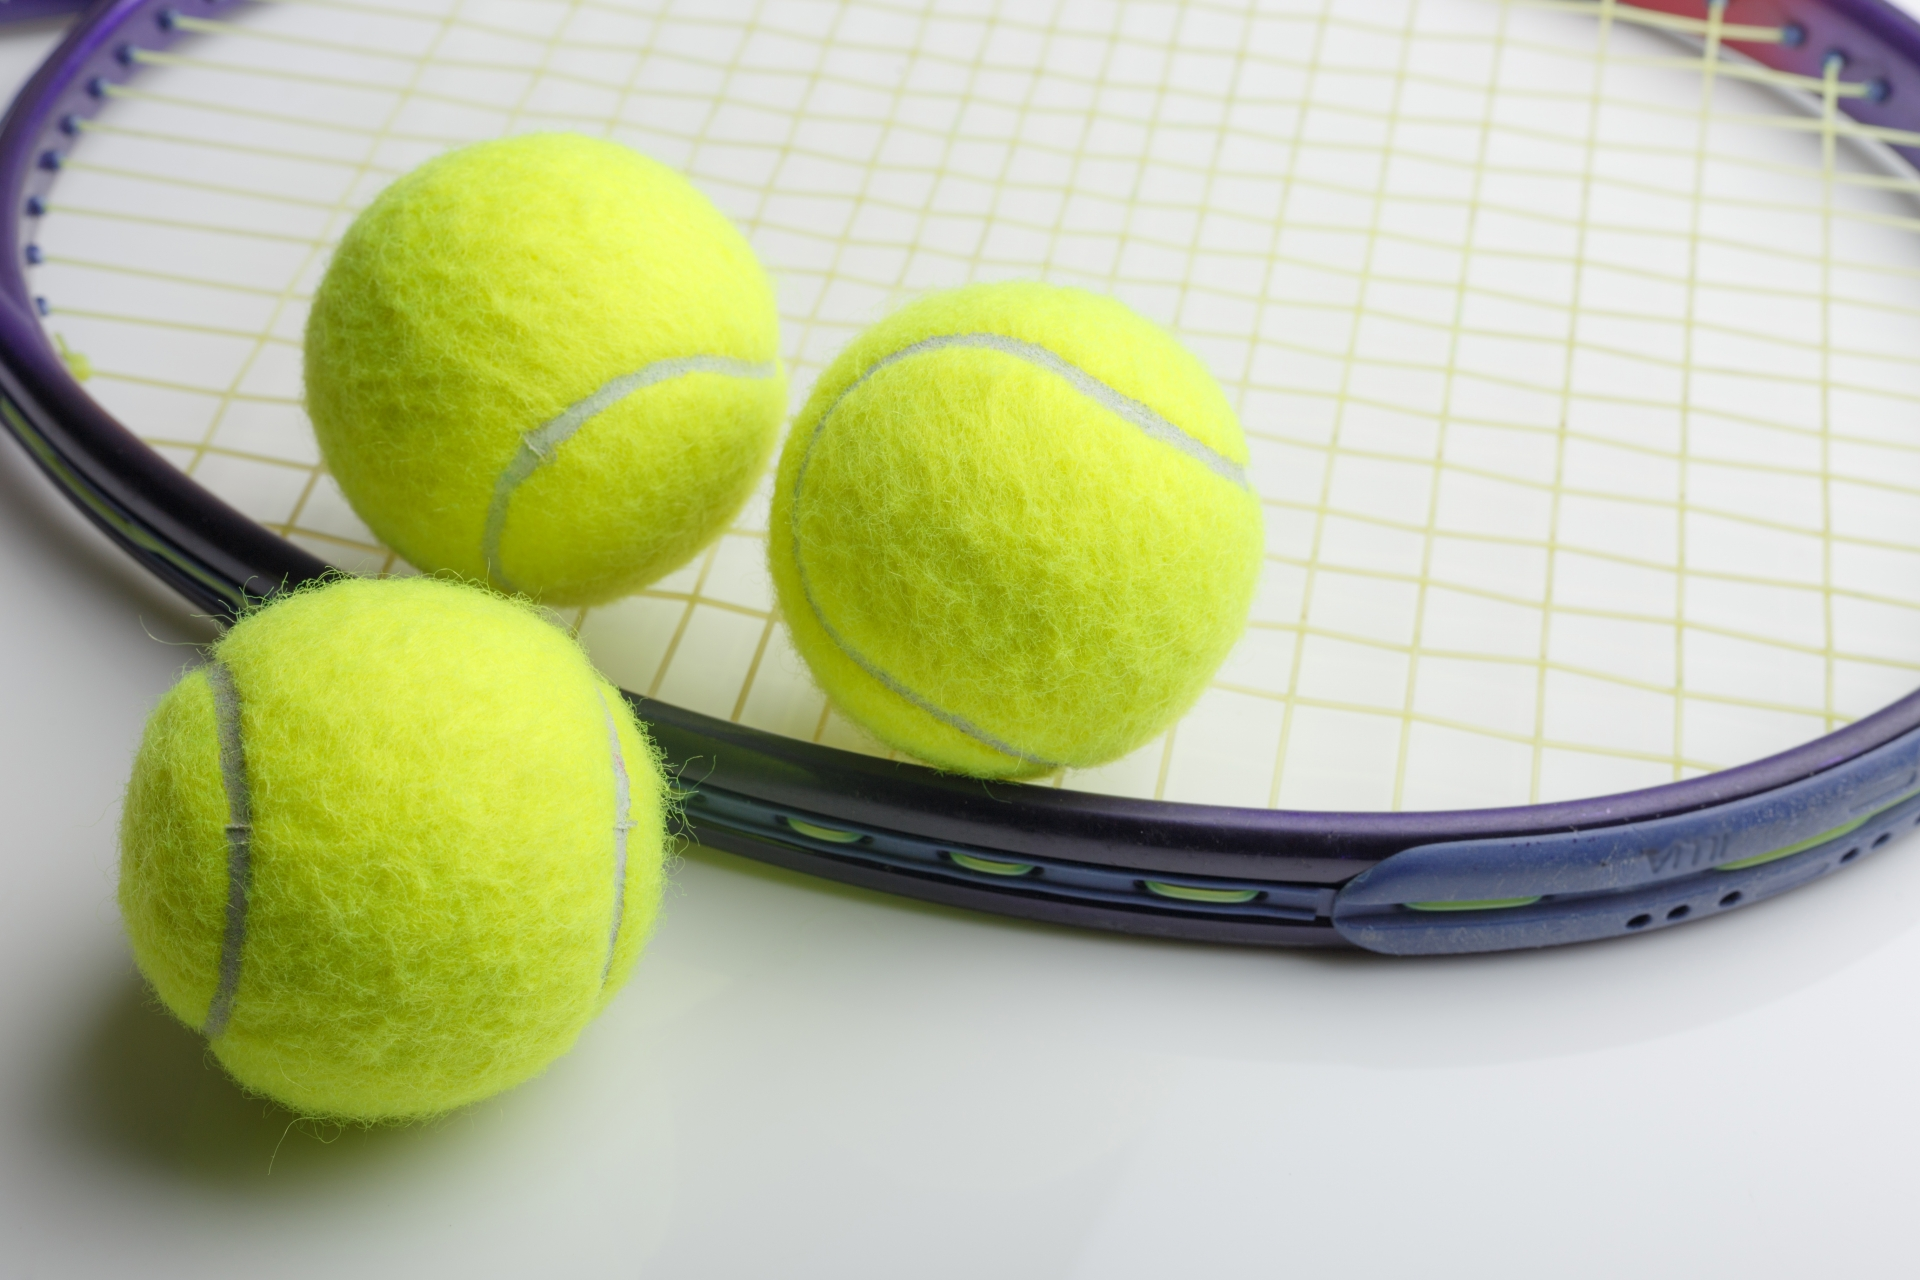 テニスラケットのグリップテープの巻き方と選び方を徹底解説